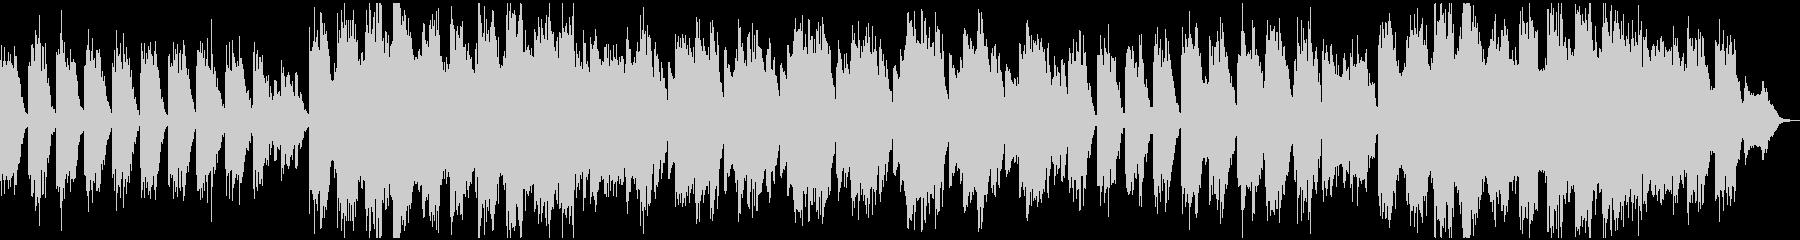 深いリラクゼーションの美しい音楽の未再生の波形